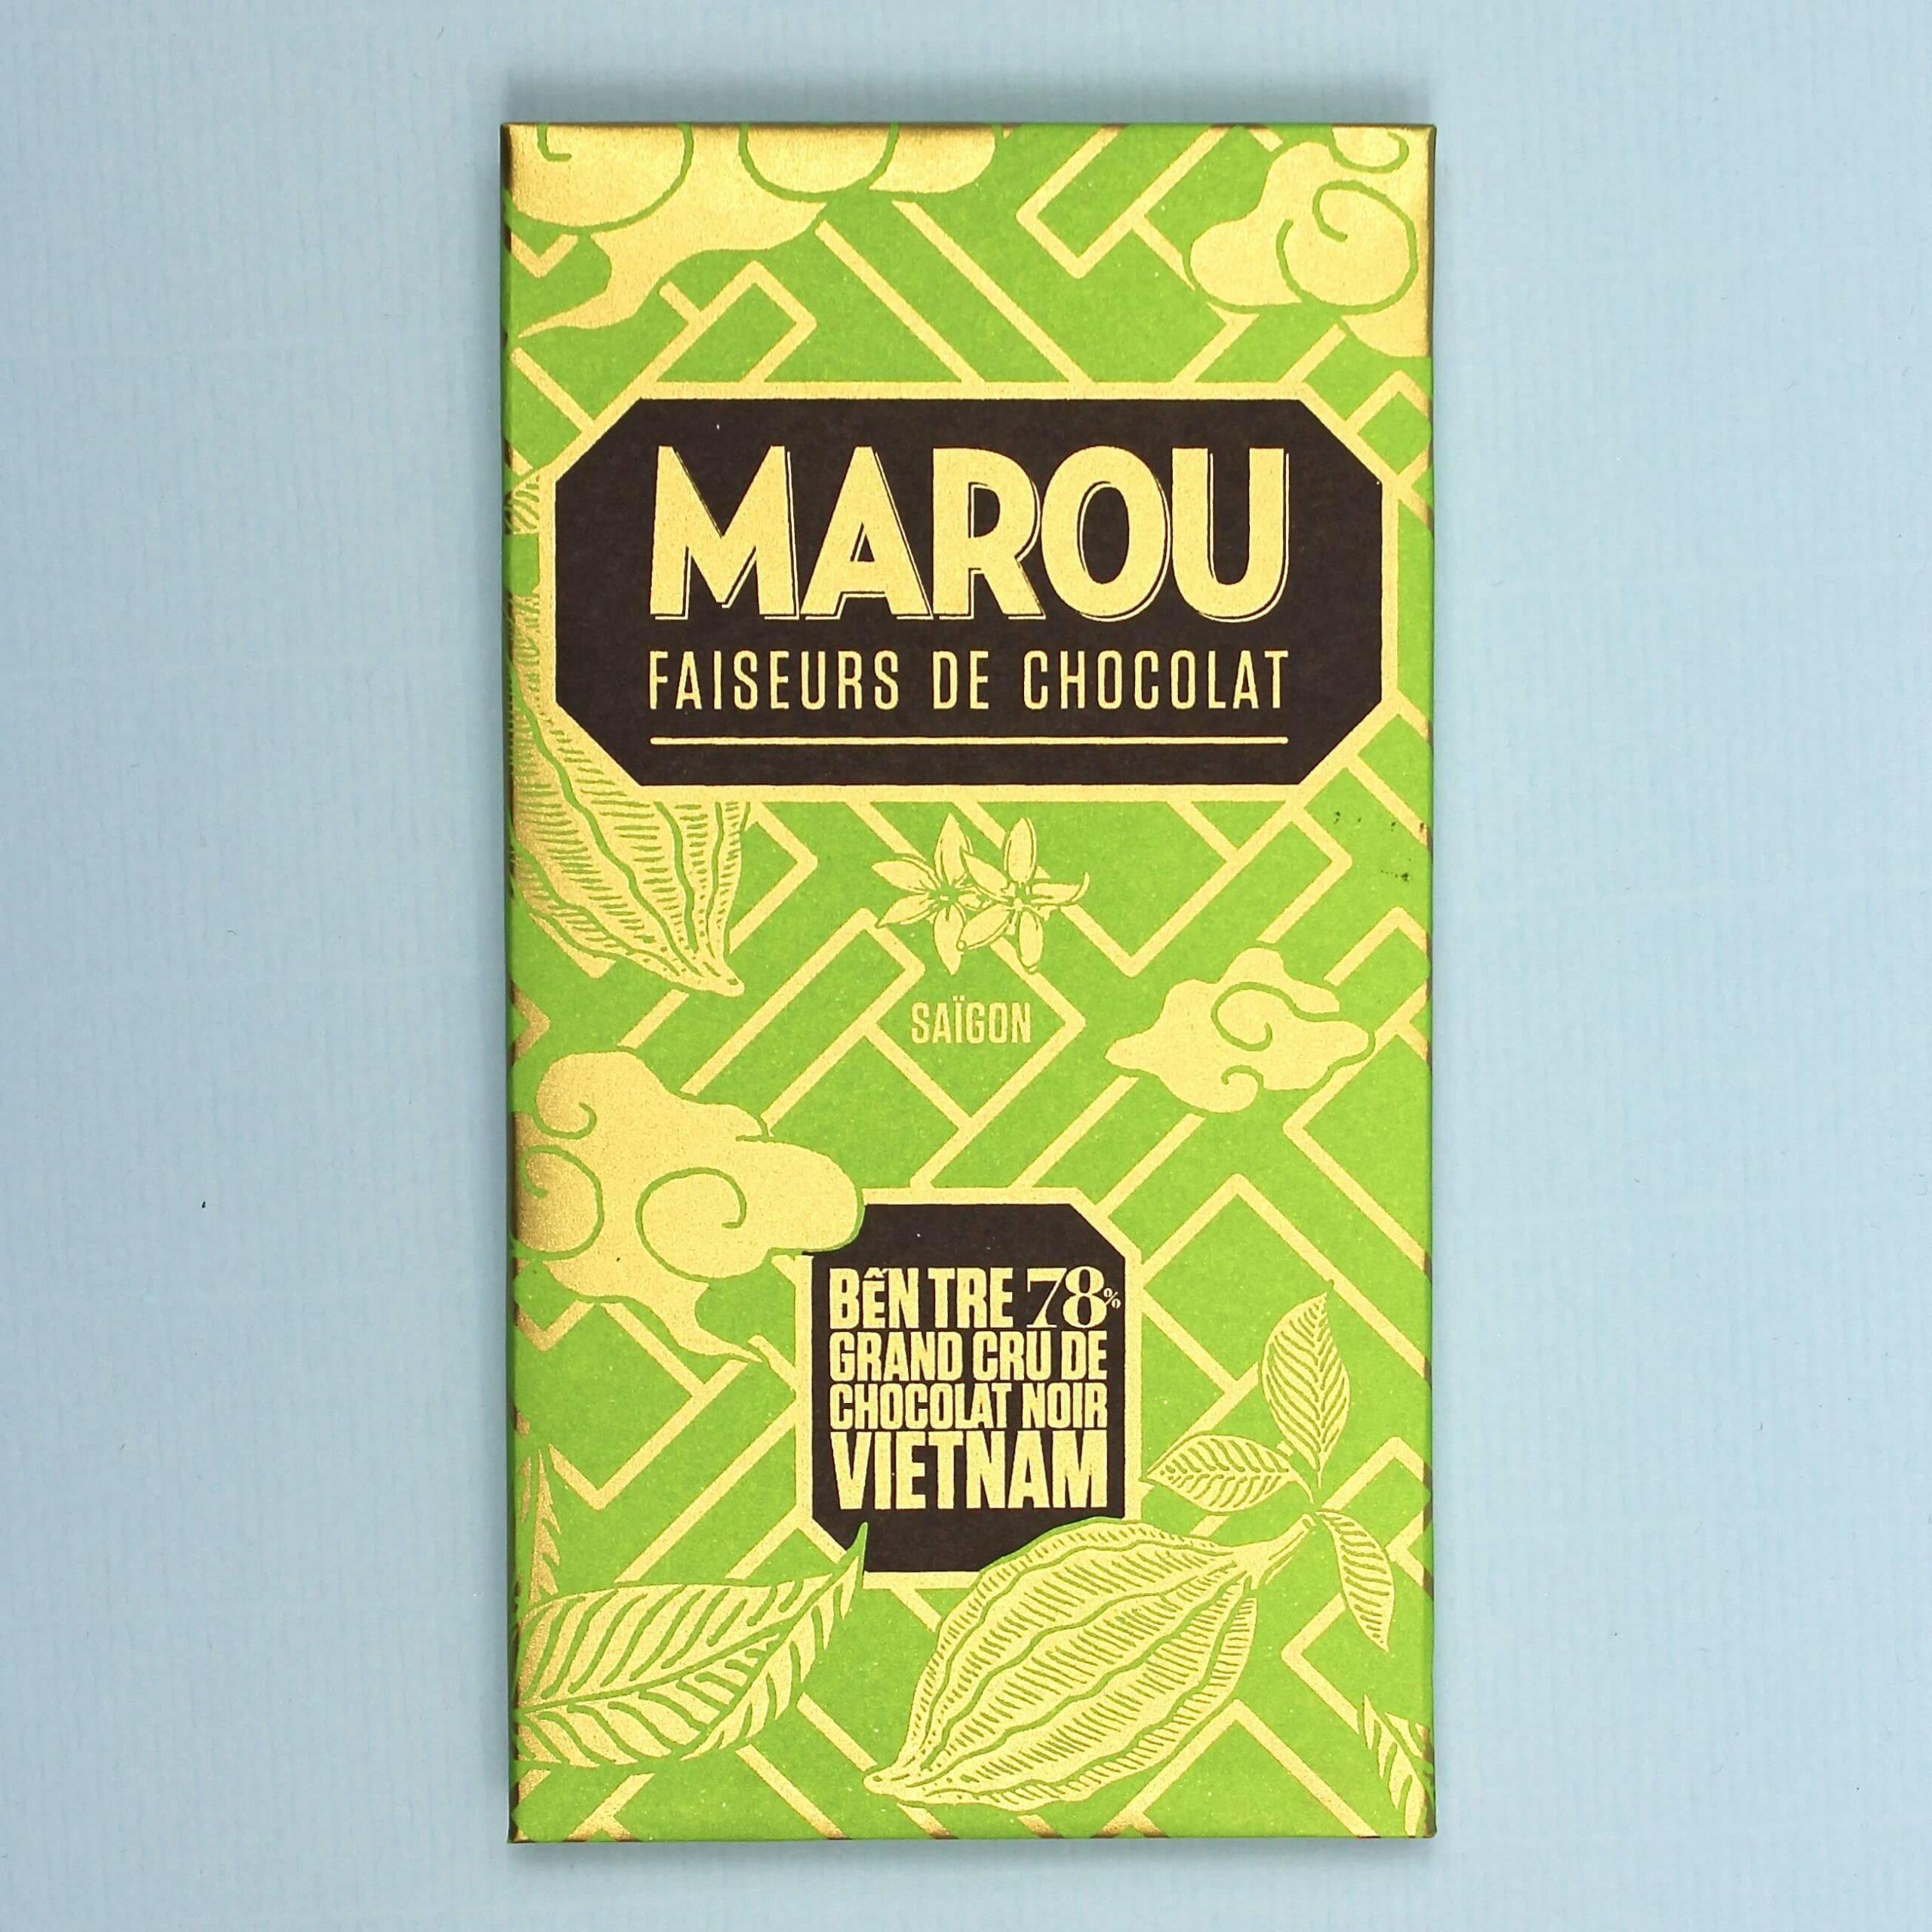 marou faiseurs de chocolat vietnam ben tre 78